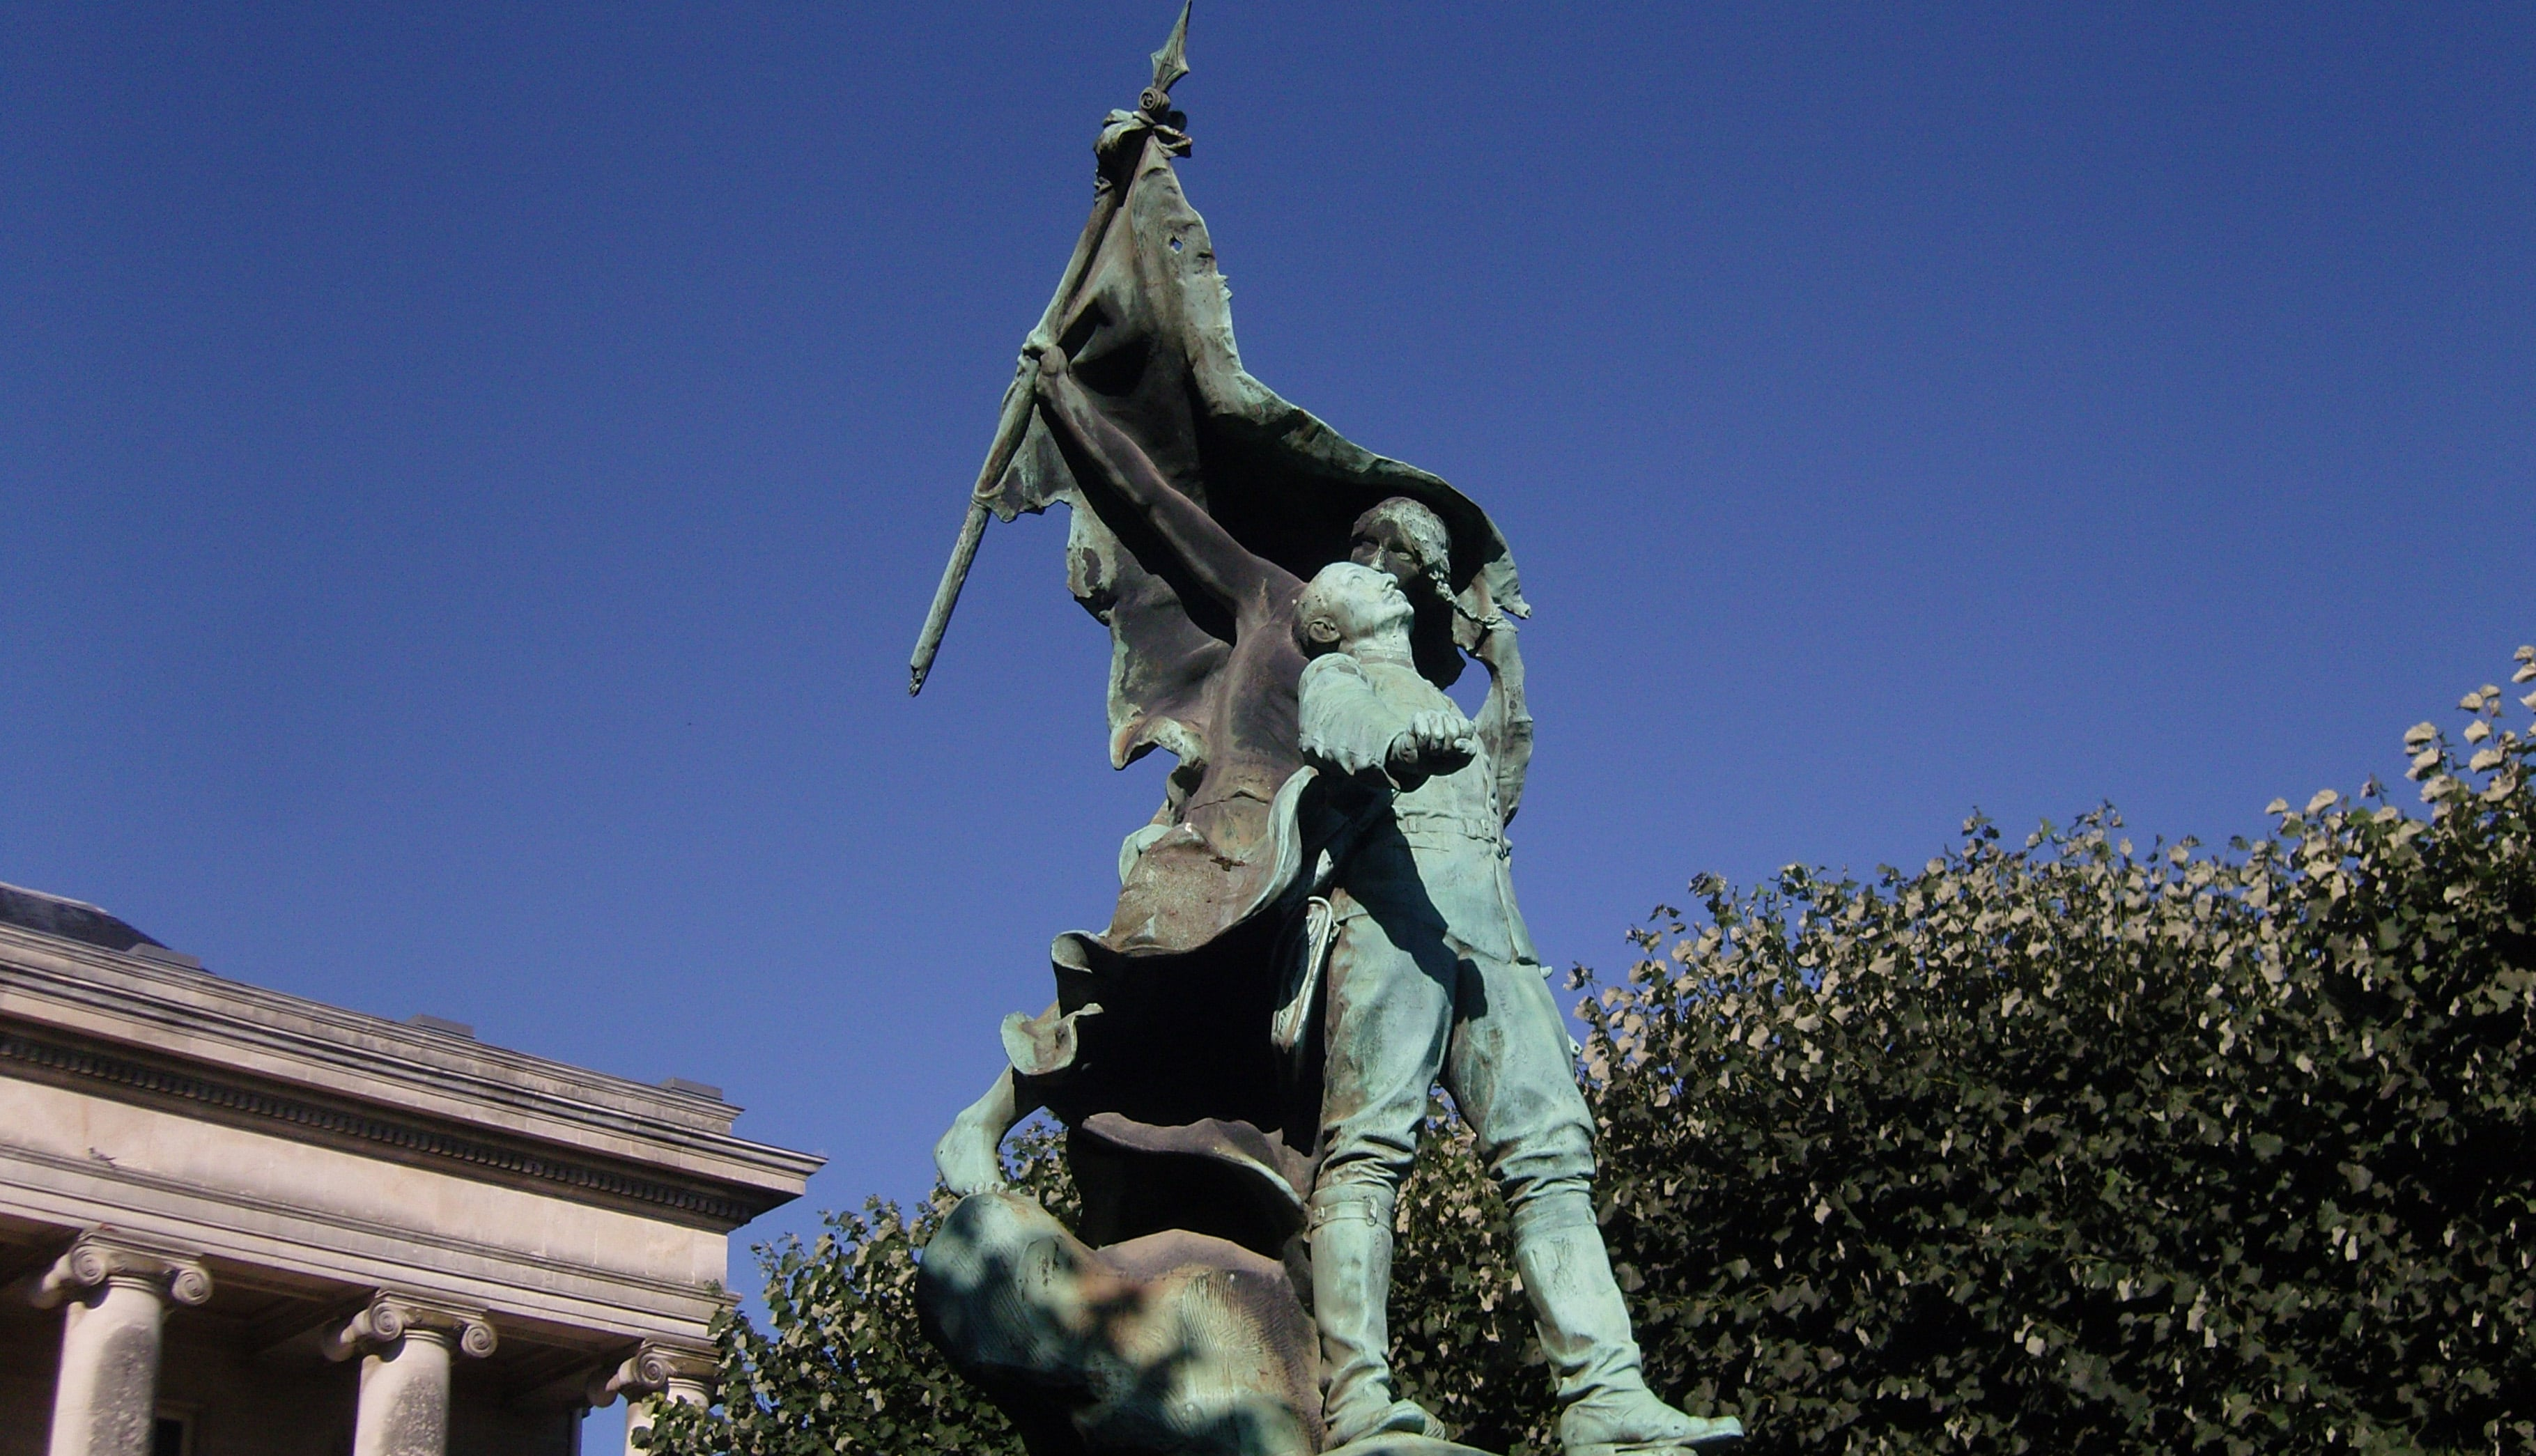 La ville de Nantes restaure son monument à Villebois-Mareuil